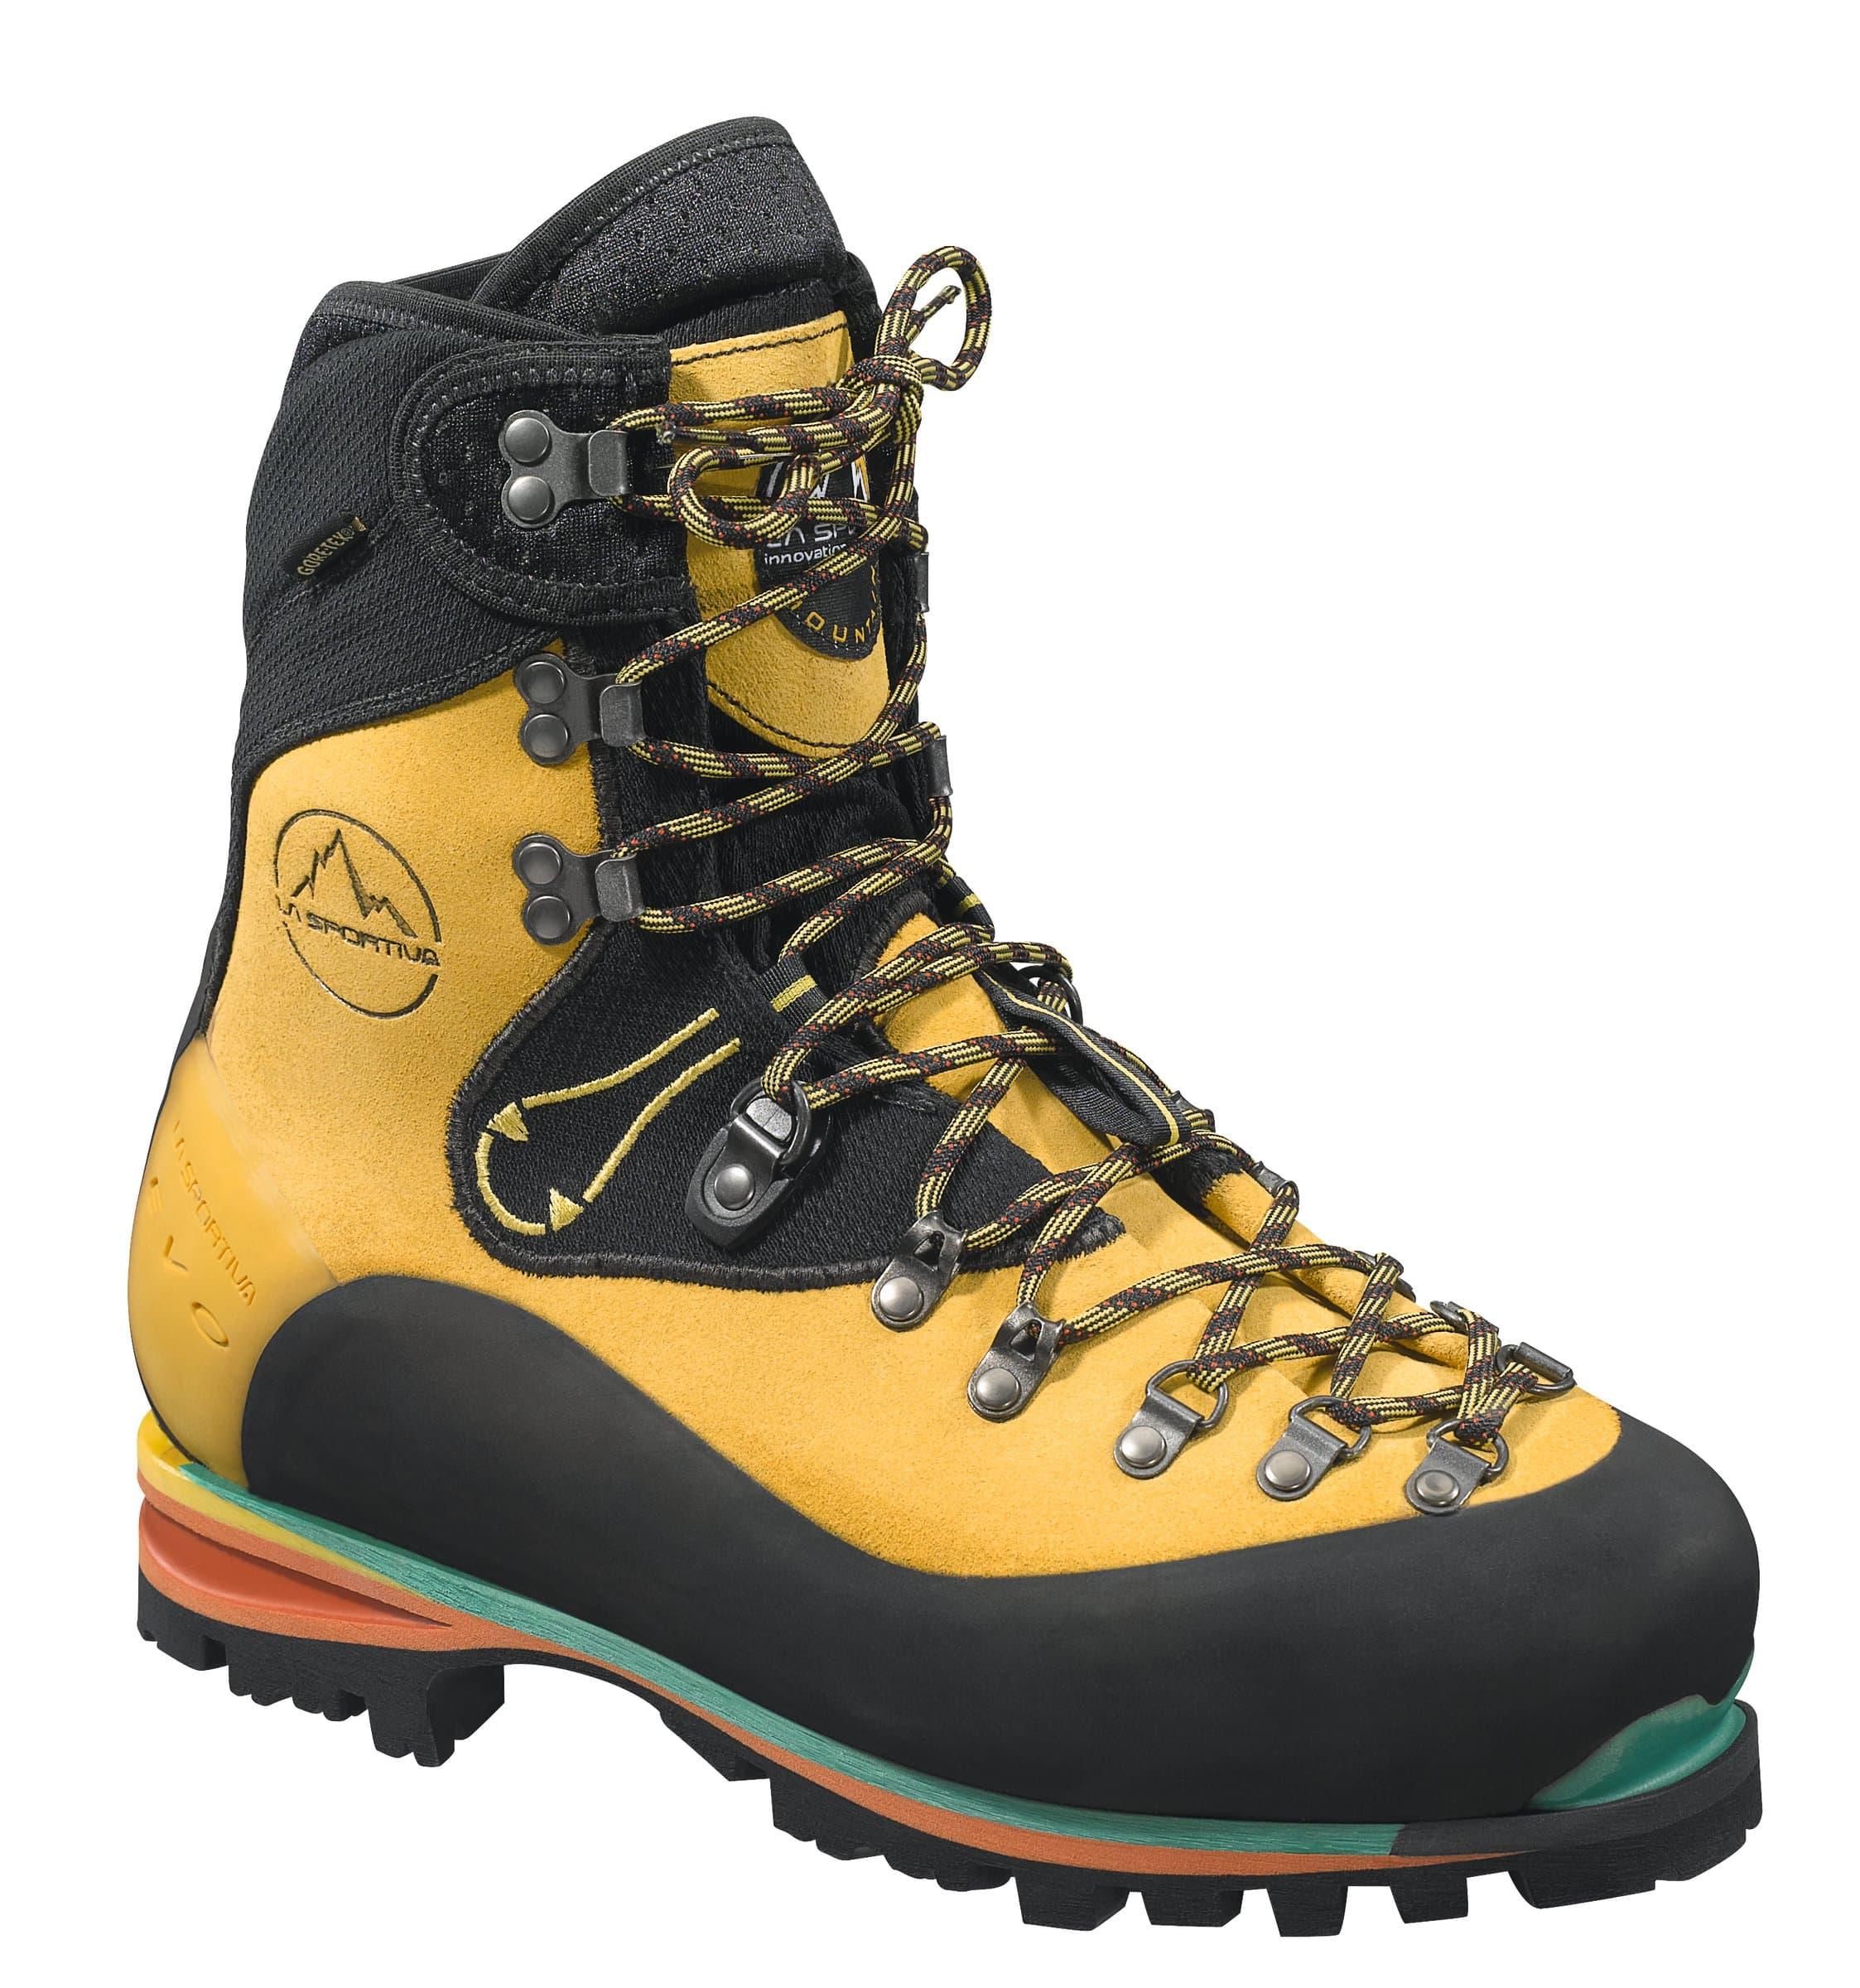 La Sportiva Nepal Evo GTX Lo scarponcino da montagna uomo